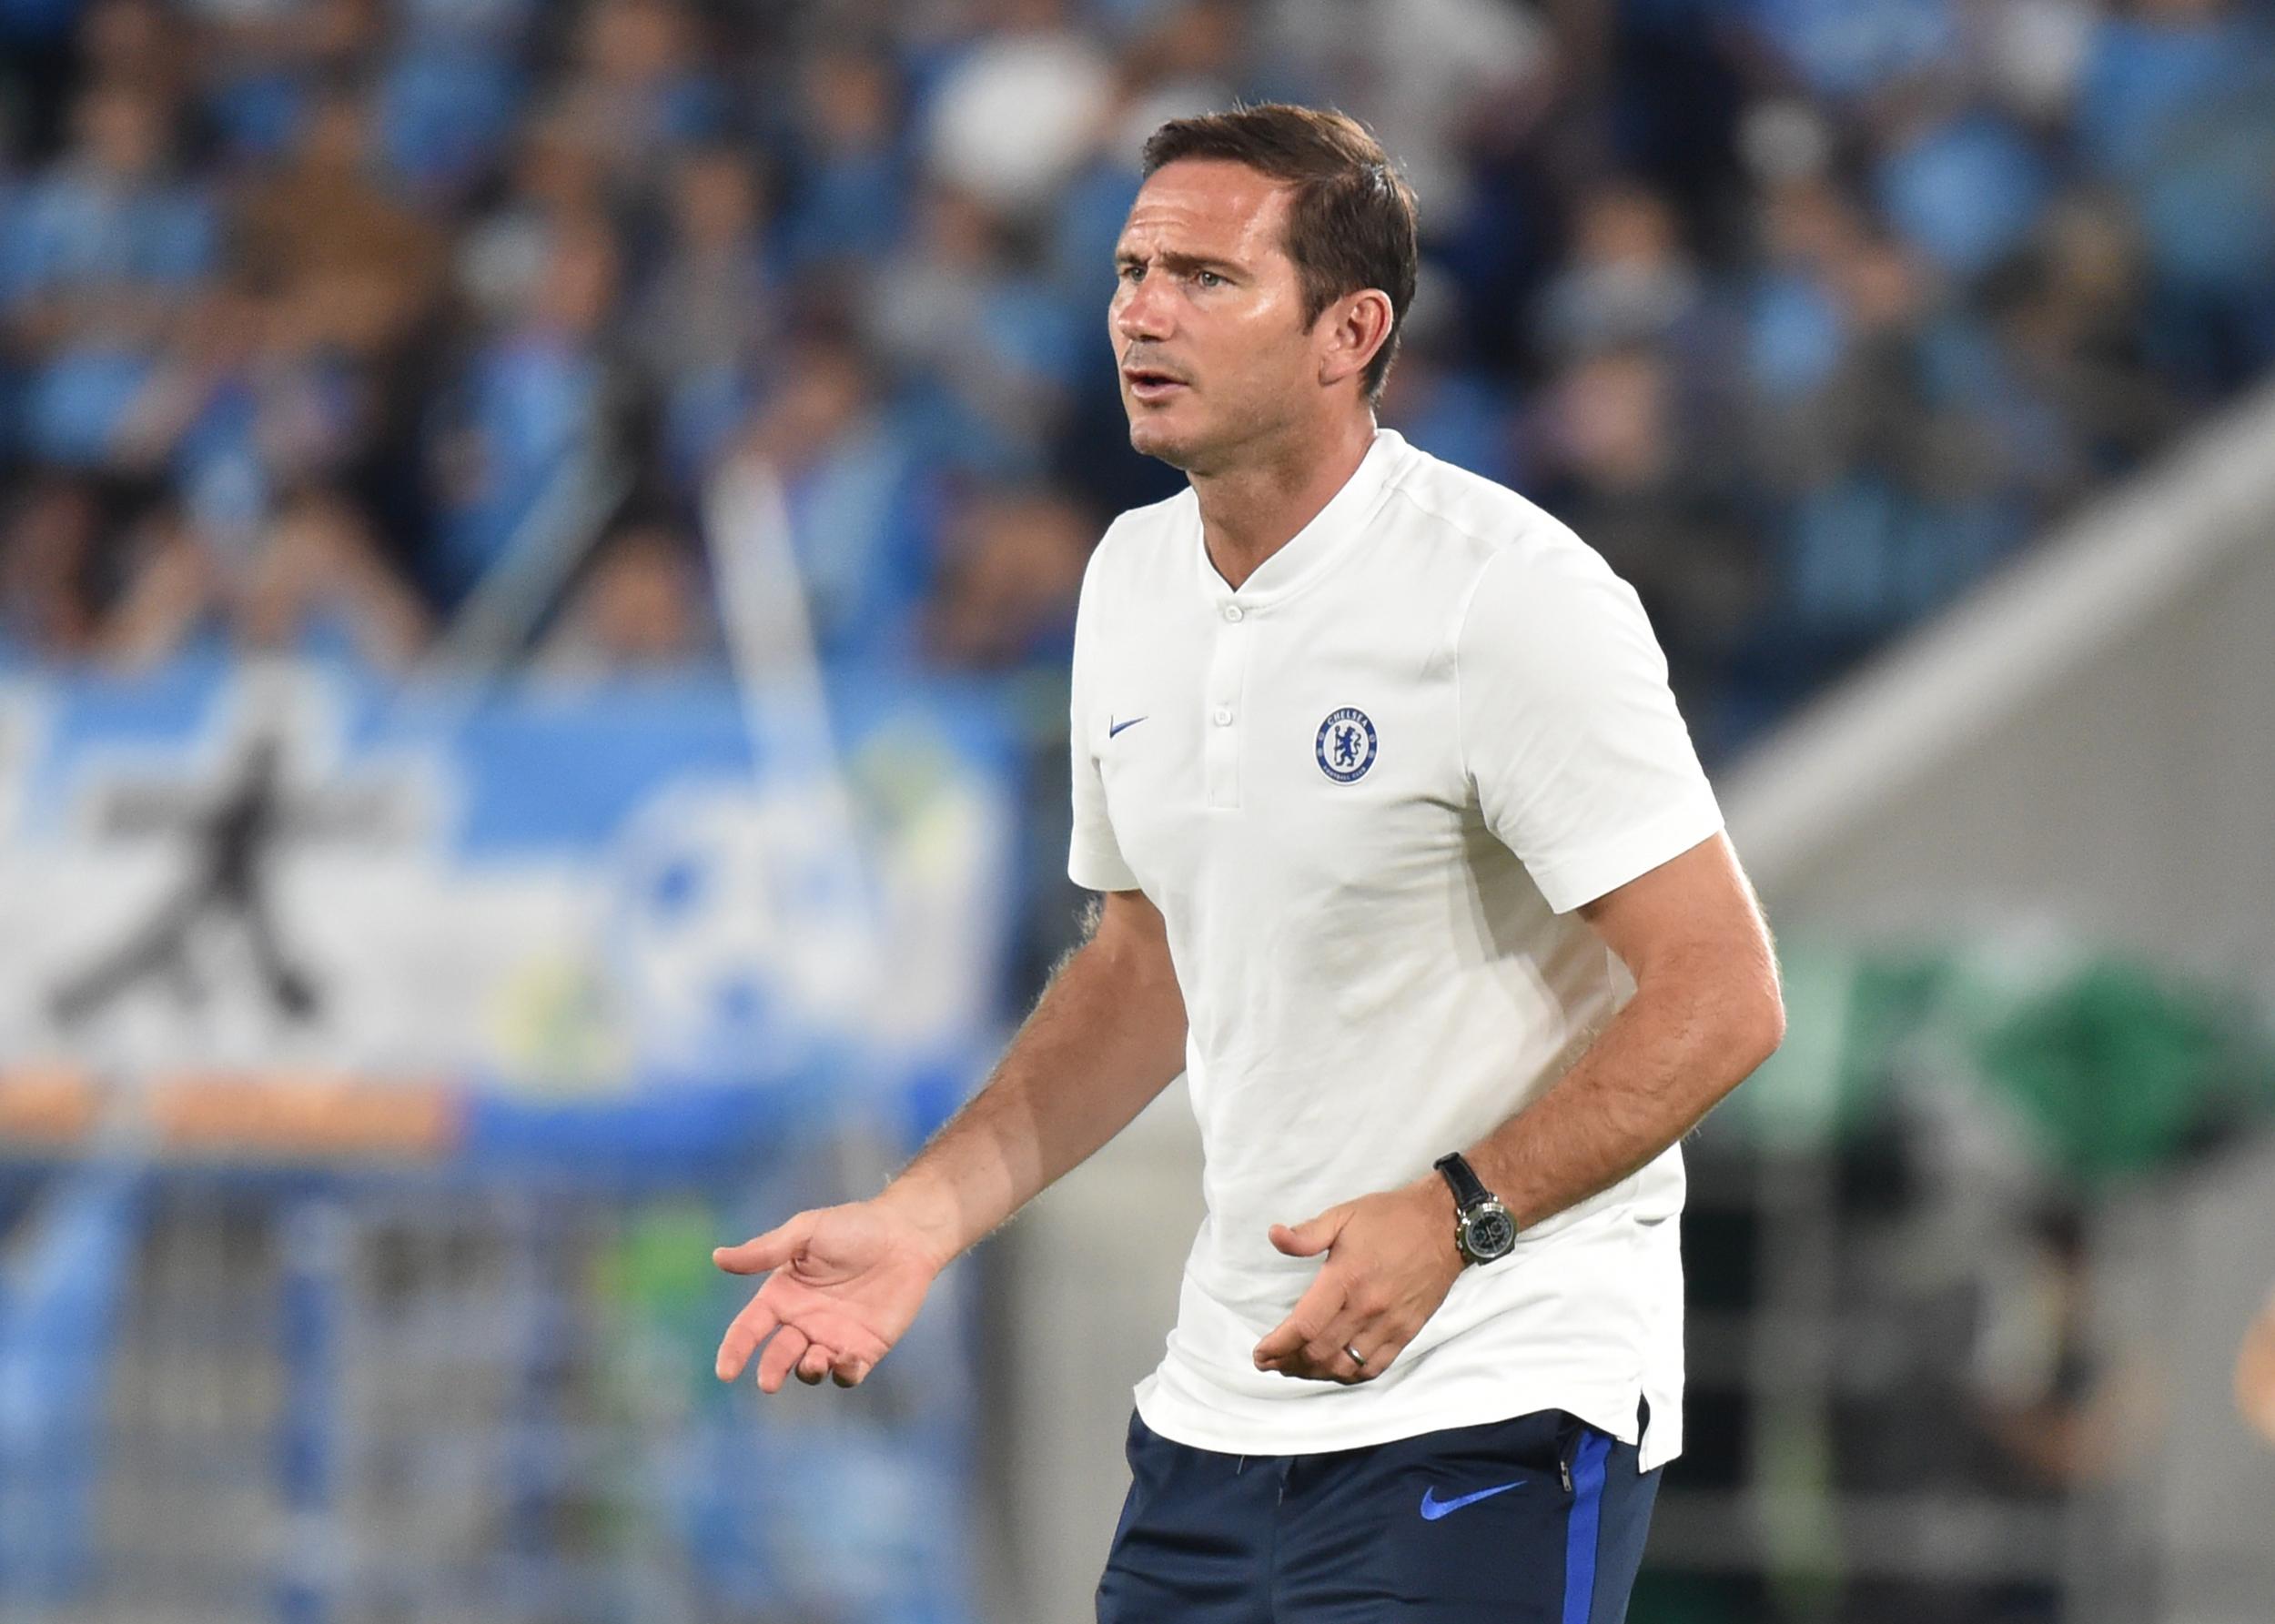 Frank Lampard soma primeira vitória no comando do Chelsea